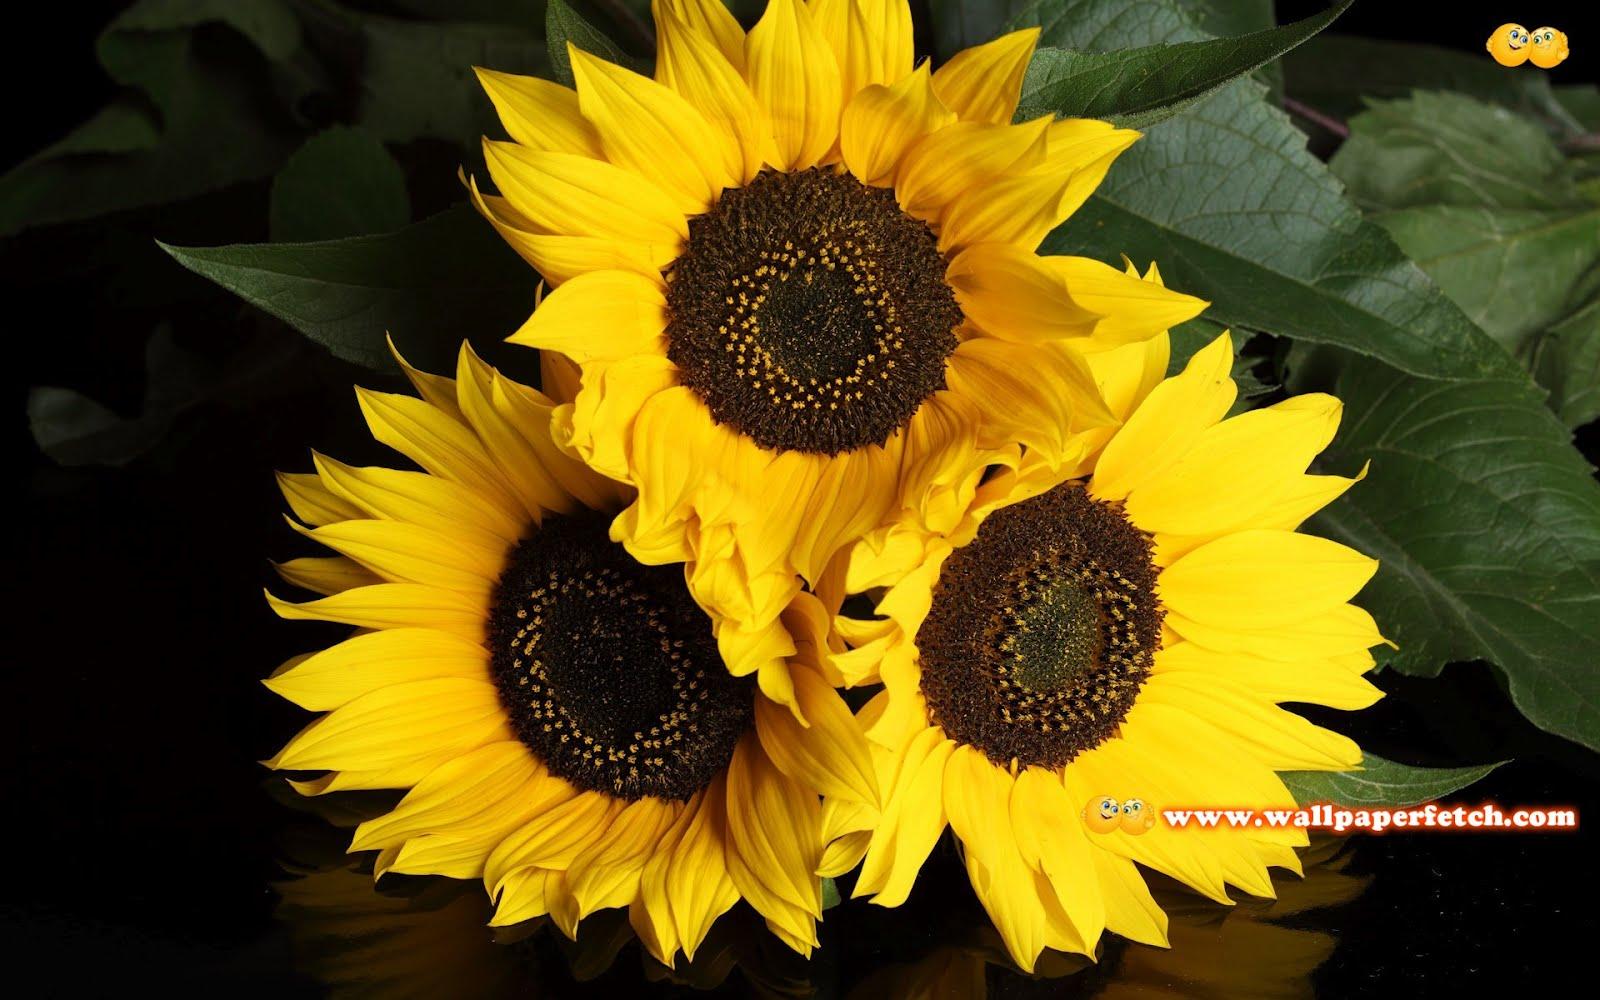 http://1.bp.blogspot.com/-TwCUtE6QeJ0/T1ik-XFpvQI/AAAAAAAAAX0/SDO3c6hgJAI/s1600/sunflowers-4852-1920x1200.jpg